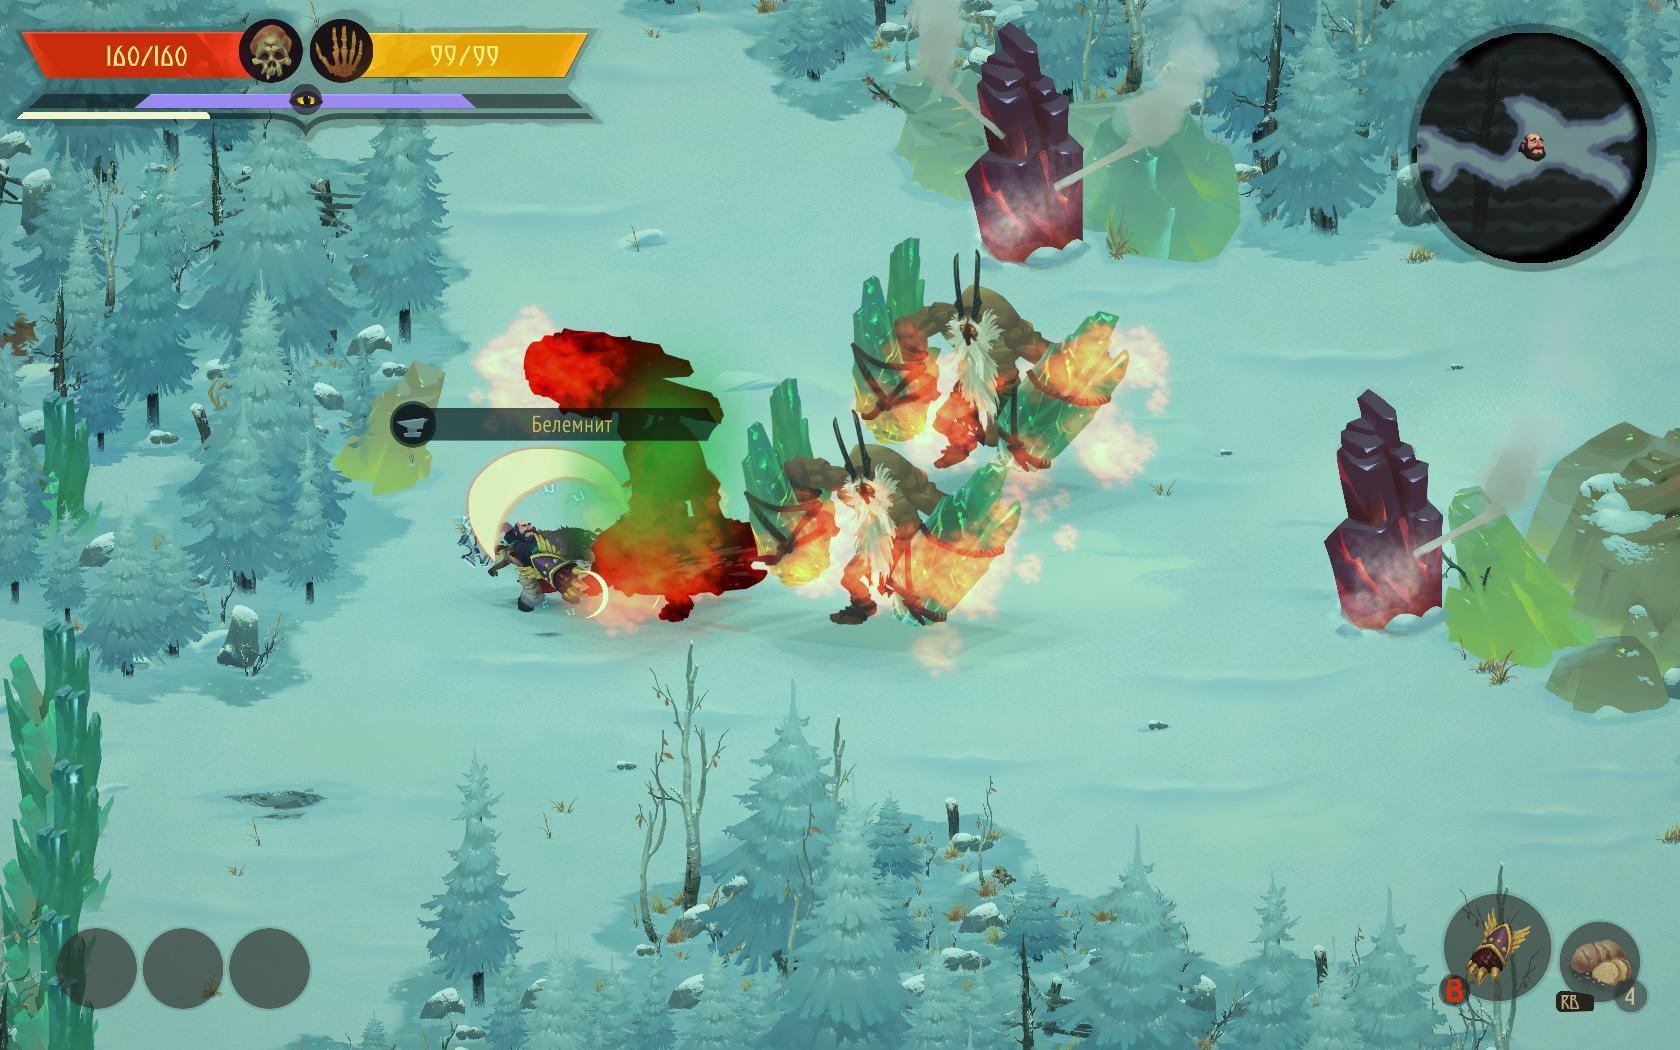 Бои здесь сложные и периодически напоминают Souls-like игры.